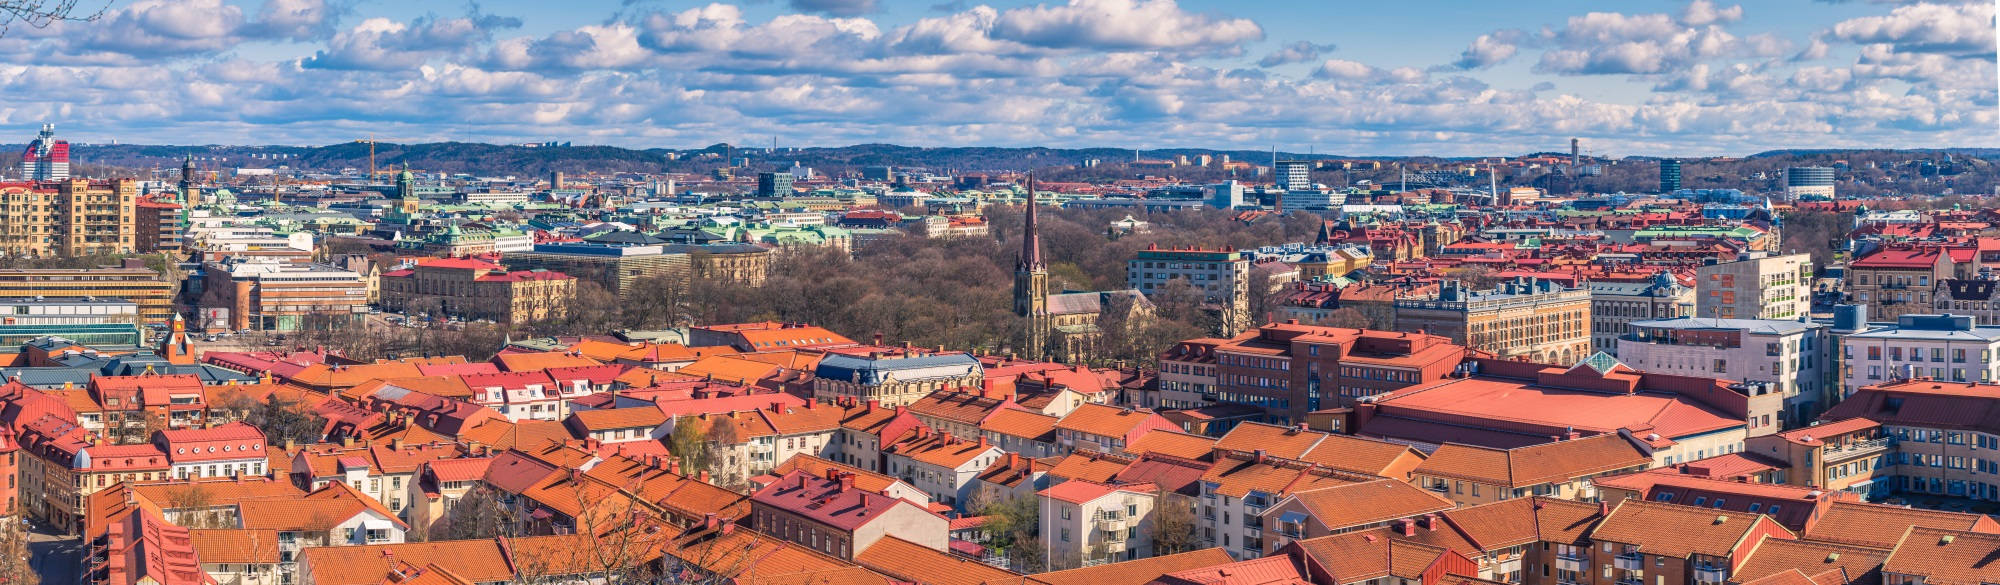 Göteborg Panorama